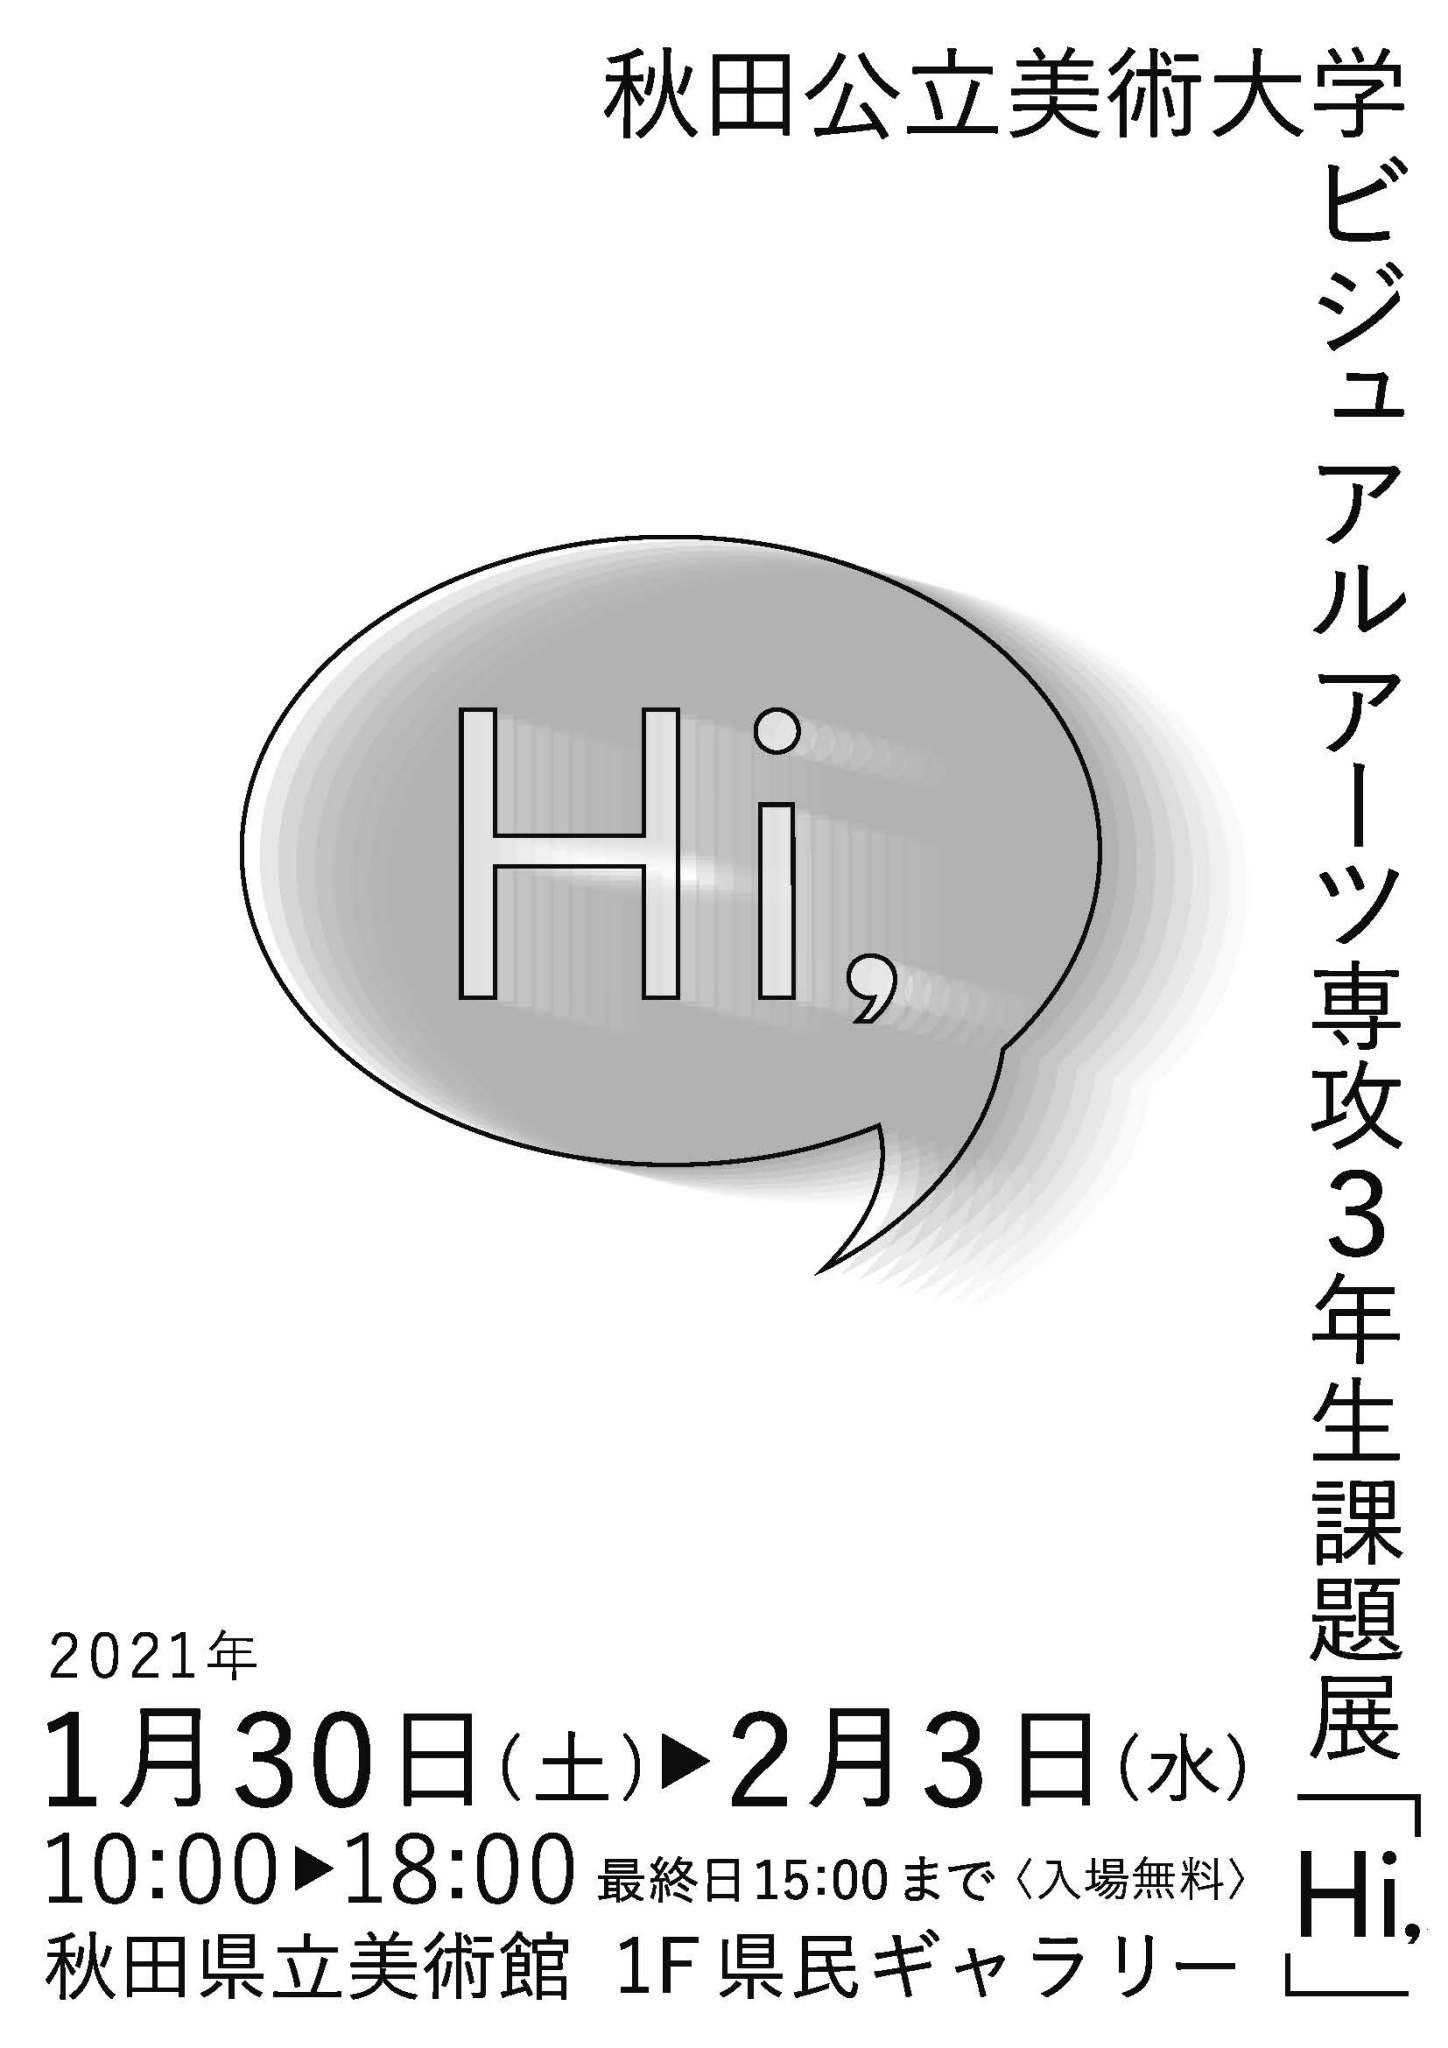 ビジュアルアーツ専攻課題展「Hi,」